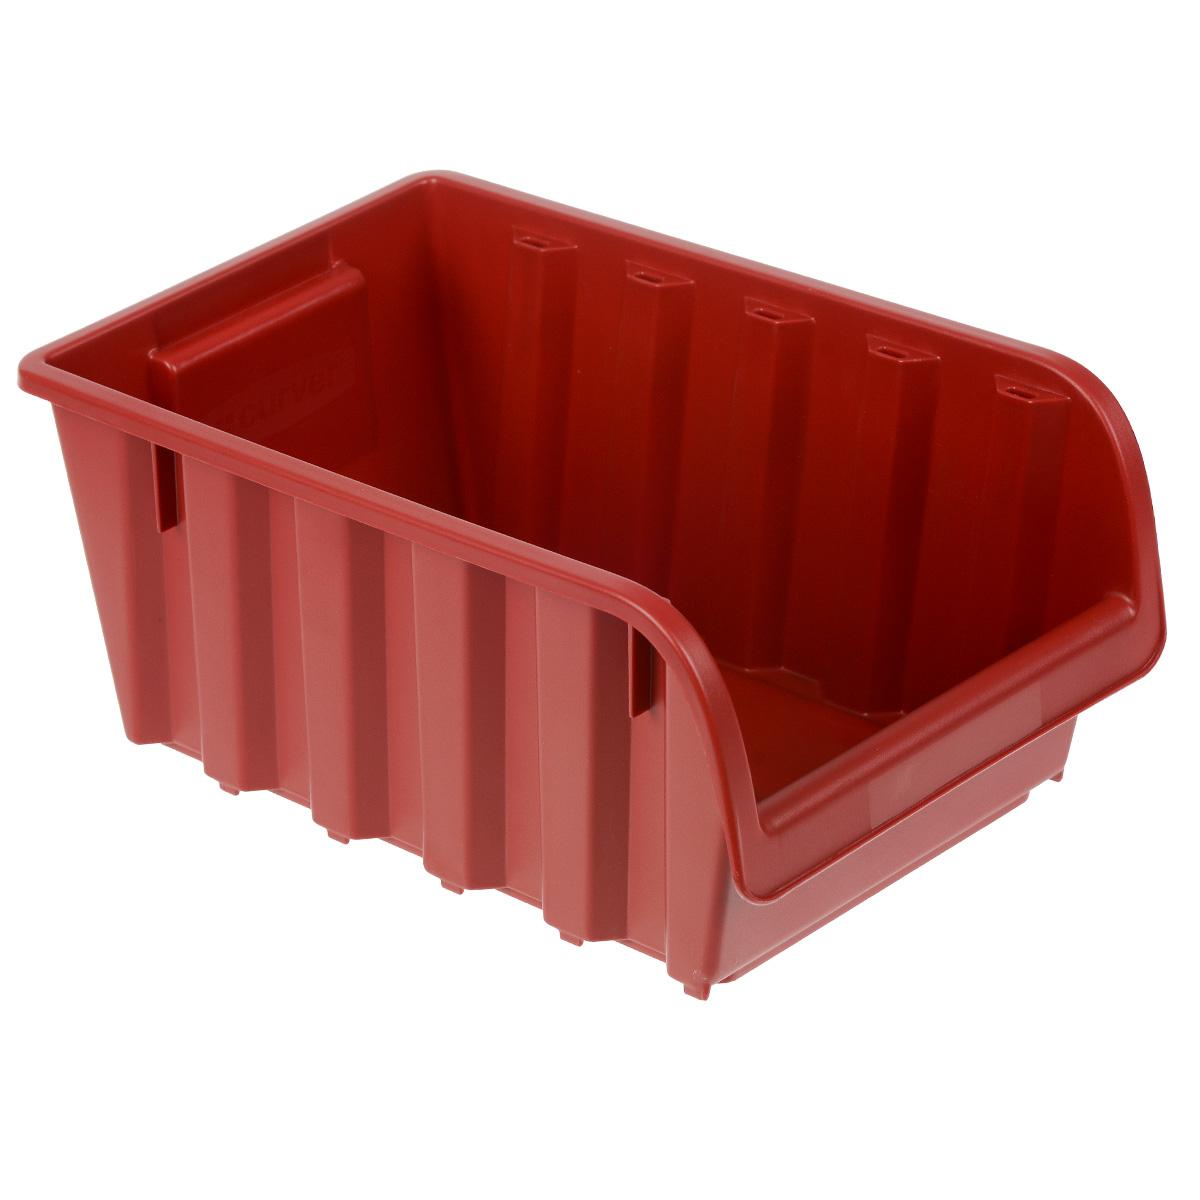 Емкость складская Curver Profi №5, цвет: красный, 34 х 20 х 15,5 см1004900000360Емкость Curver Profi №5 выполнена из высококачественного пластика и предназначена для хранения инструментов и различных складских мелочей, таких как гвозди, болты, гайки. Удобная конструкция изделия позволяет без труда достать из емкости нужную вещь. Емкость Curver Profi №5 будет незаменимой дома, на даче или в гараже.